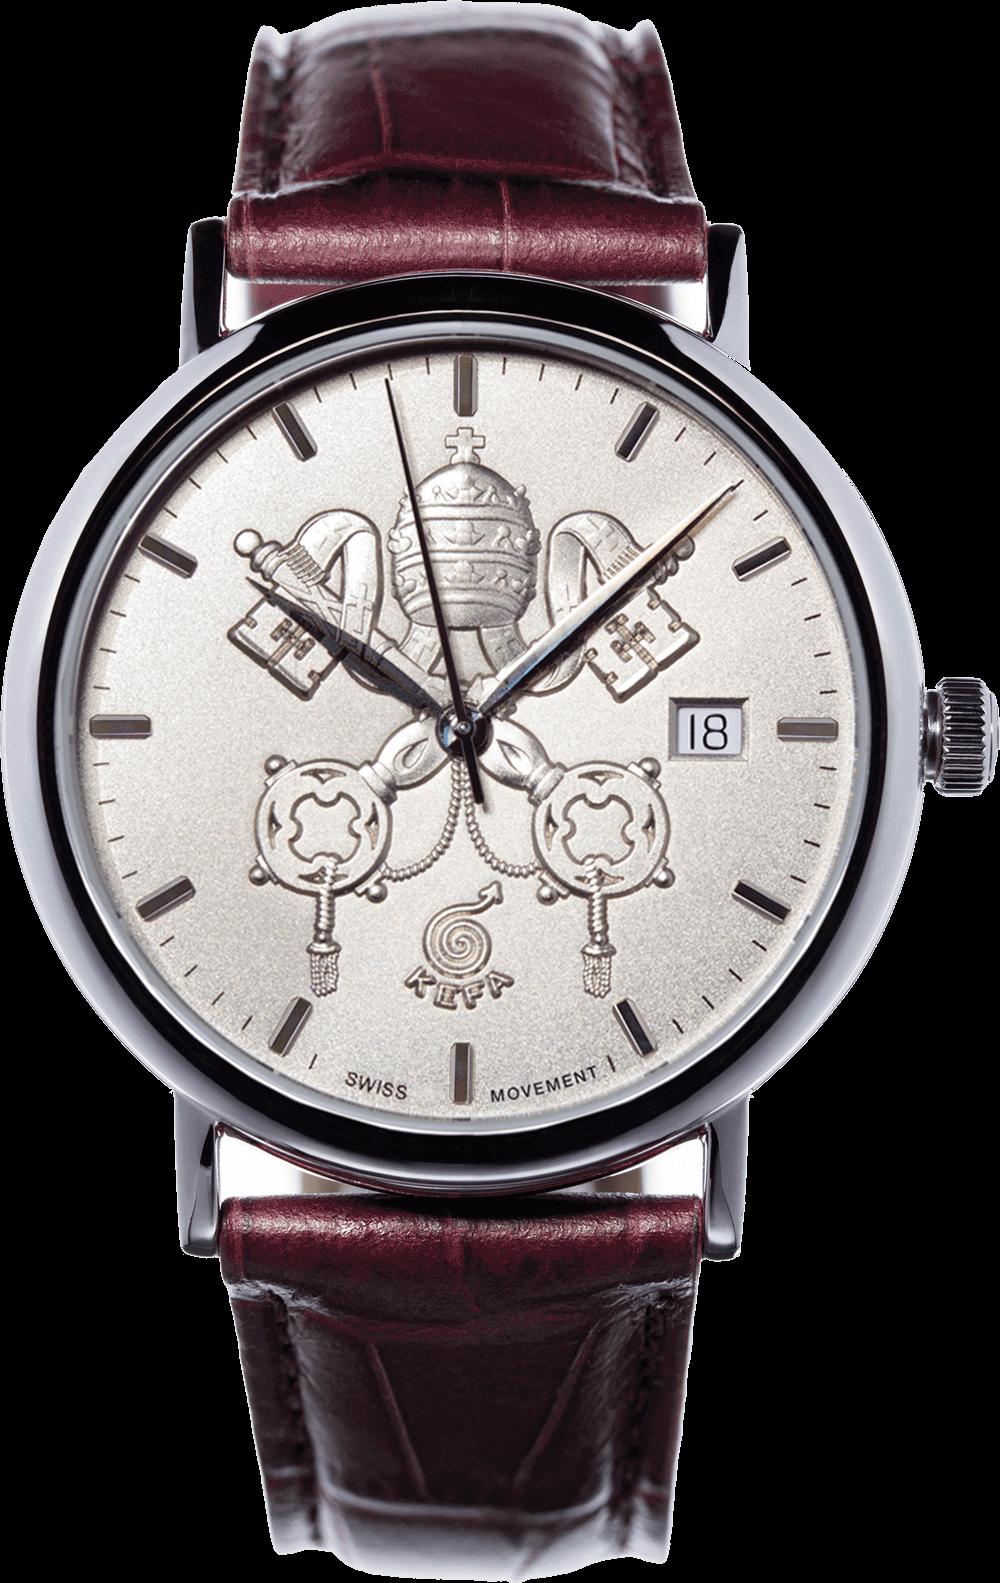 Orologio da collezione con stemma Papale e stemma del Vaticano